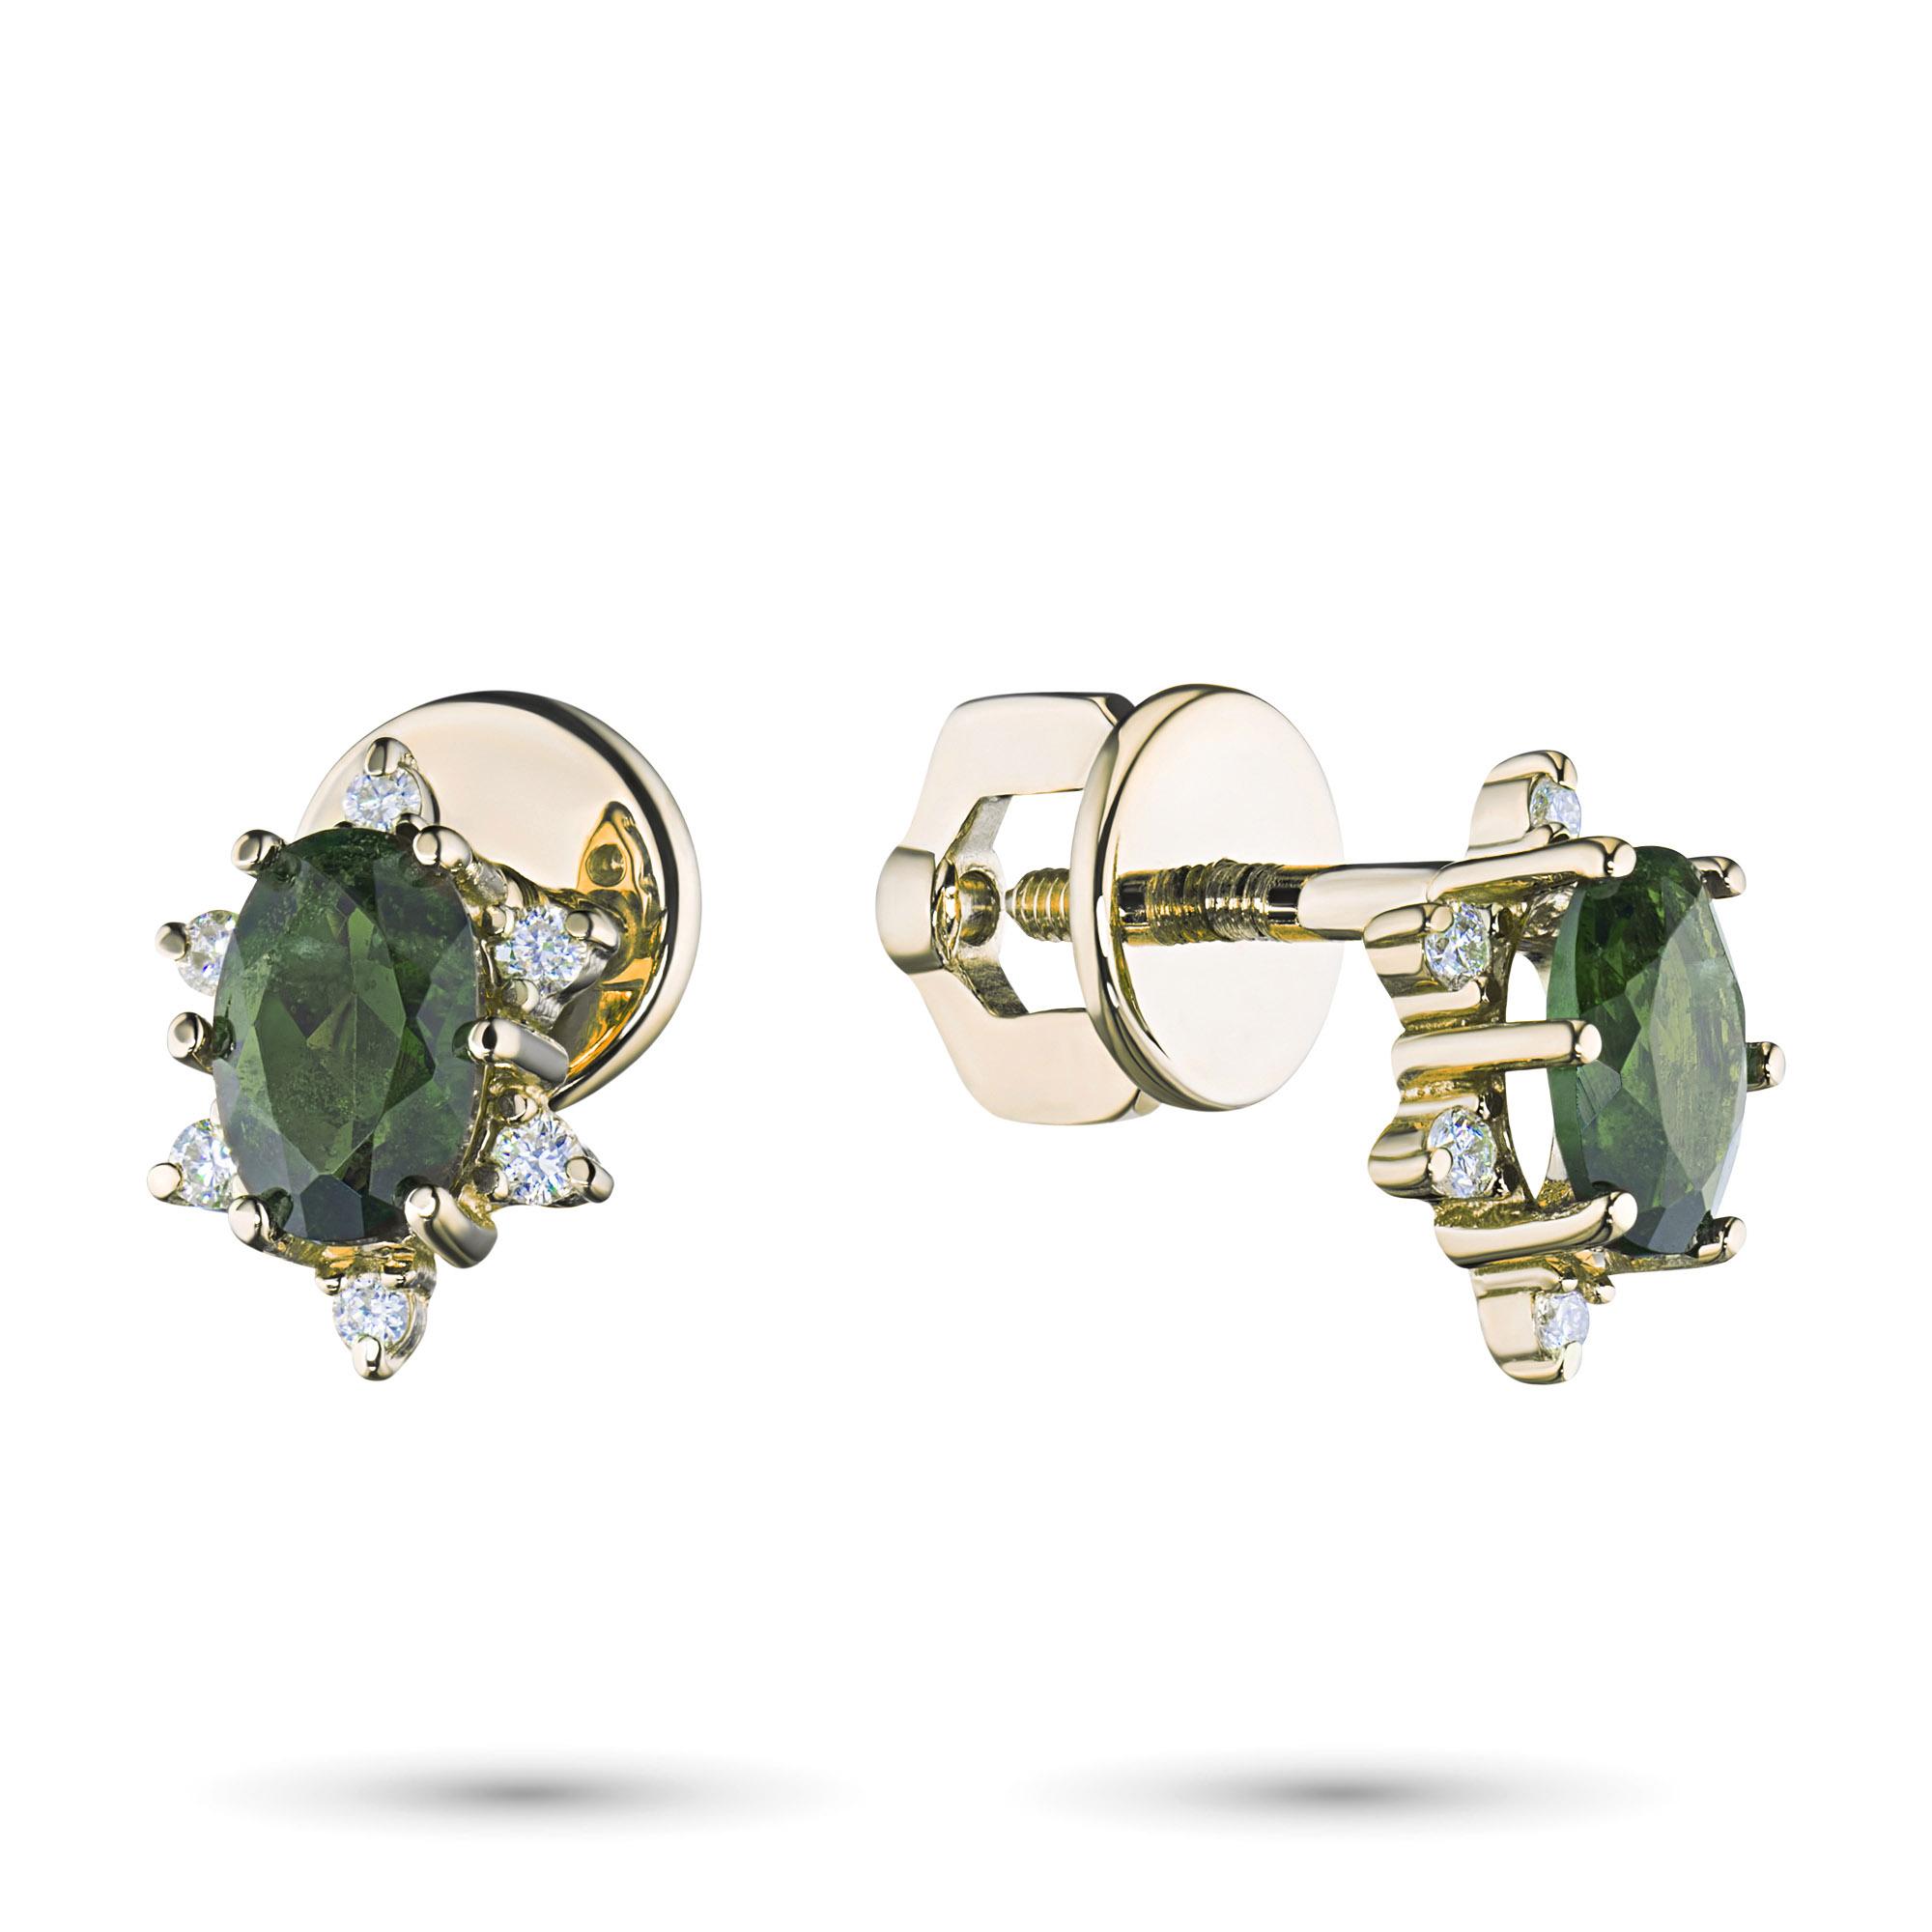 Пусеты из желтого золота с бриллиантом и хромдиопсидом э0301пс04200725 фото